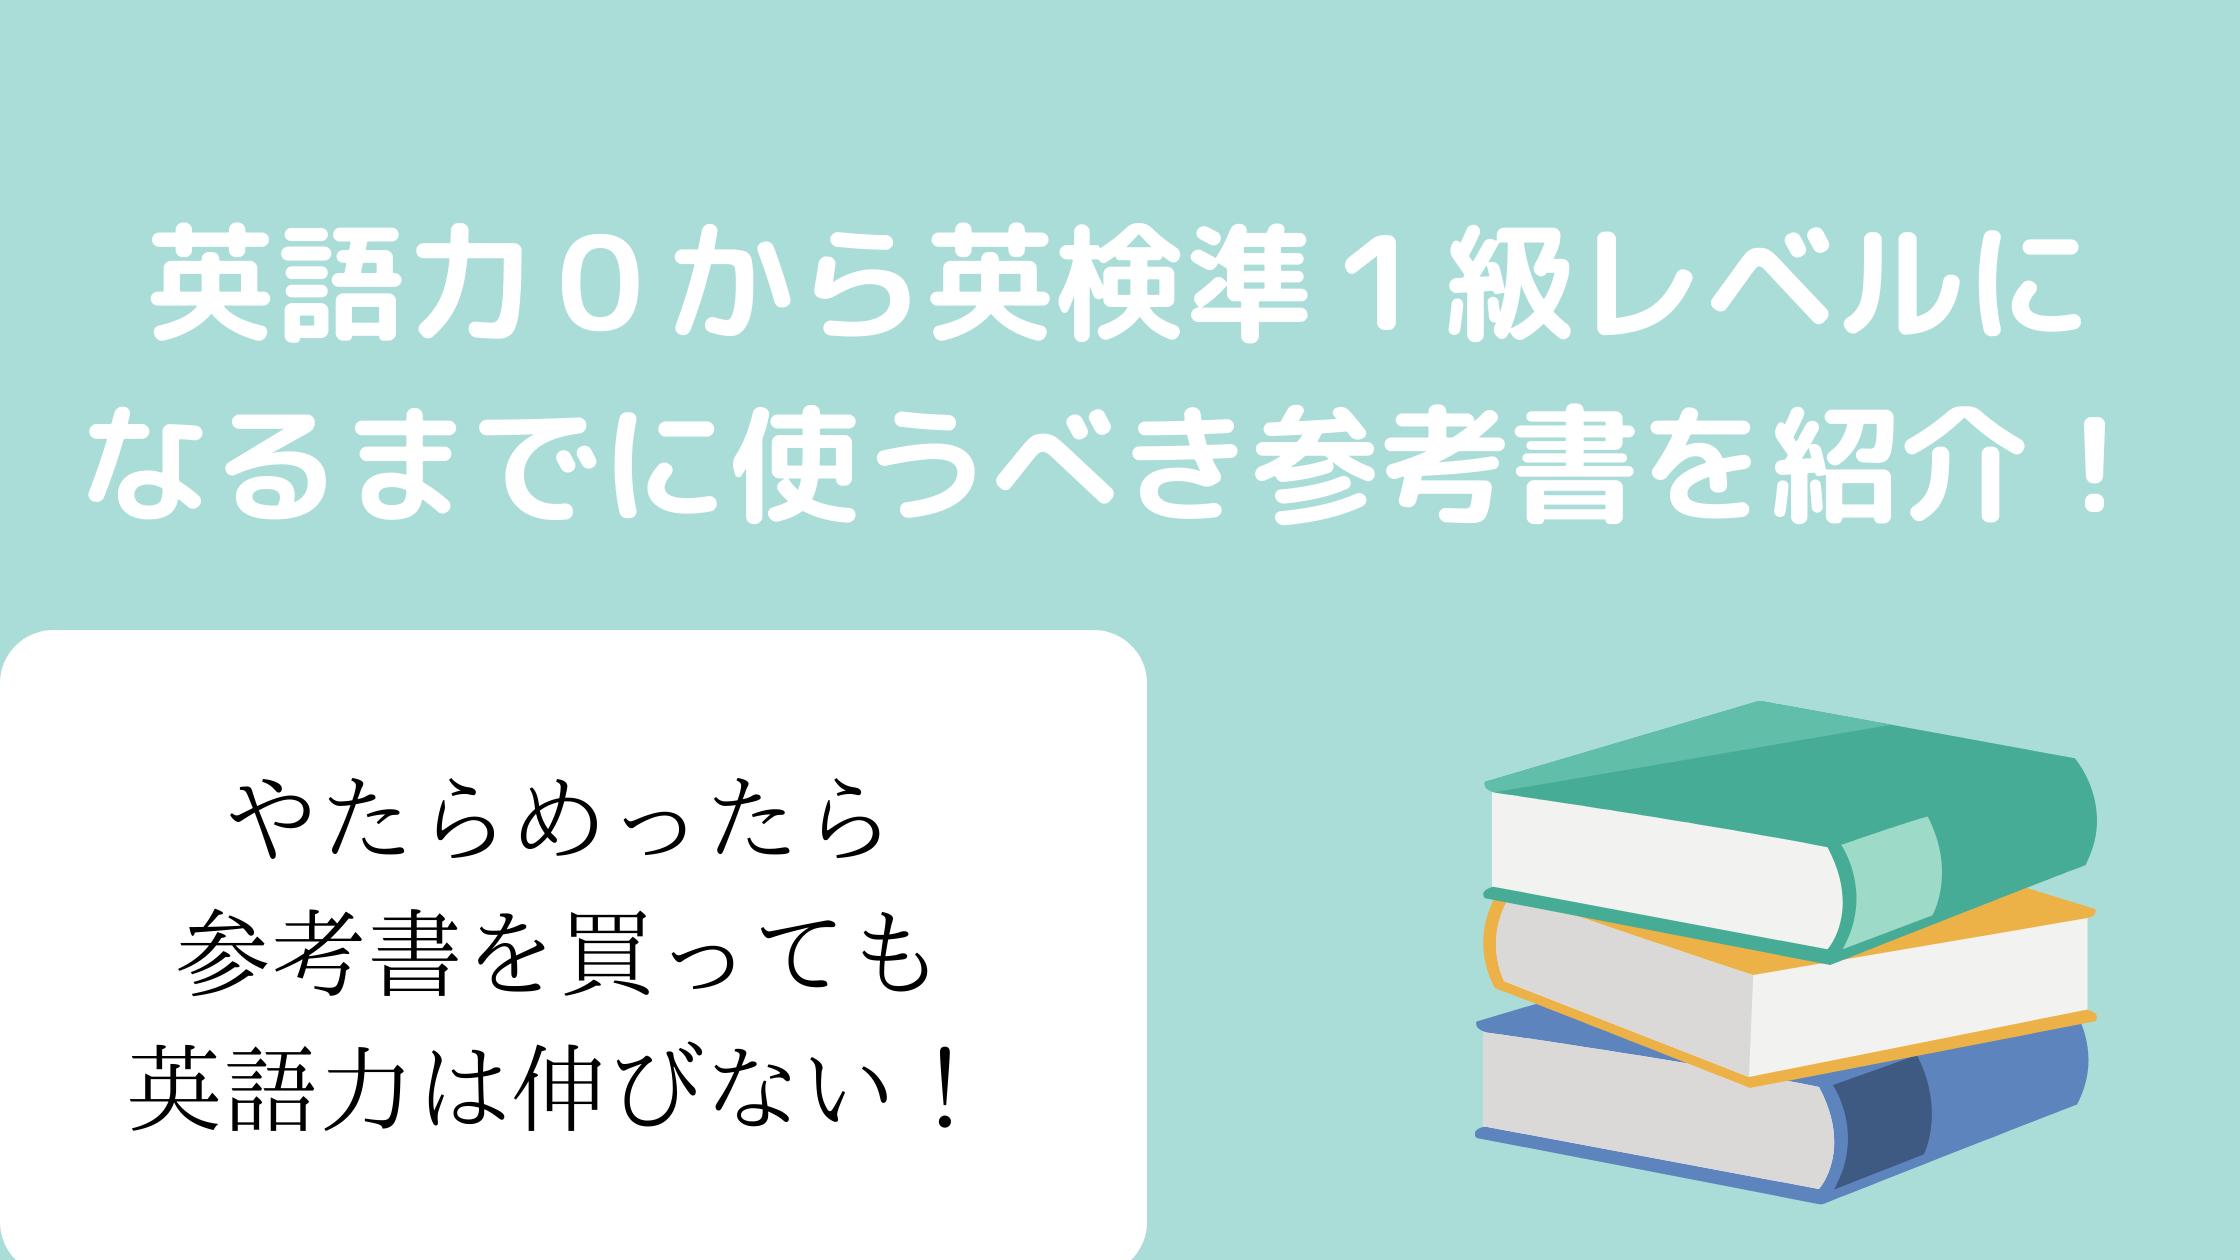 英語力0から英検準1級レベルになるまでに使うべき参考書を紹介!